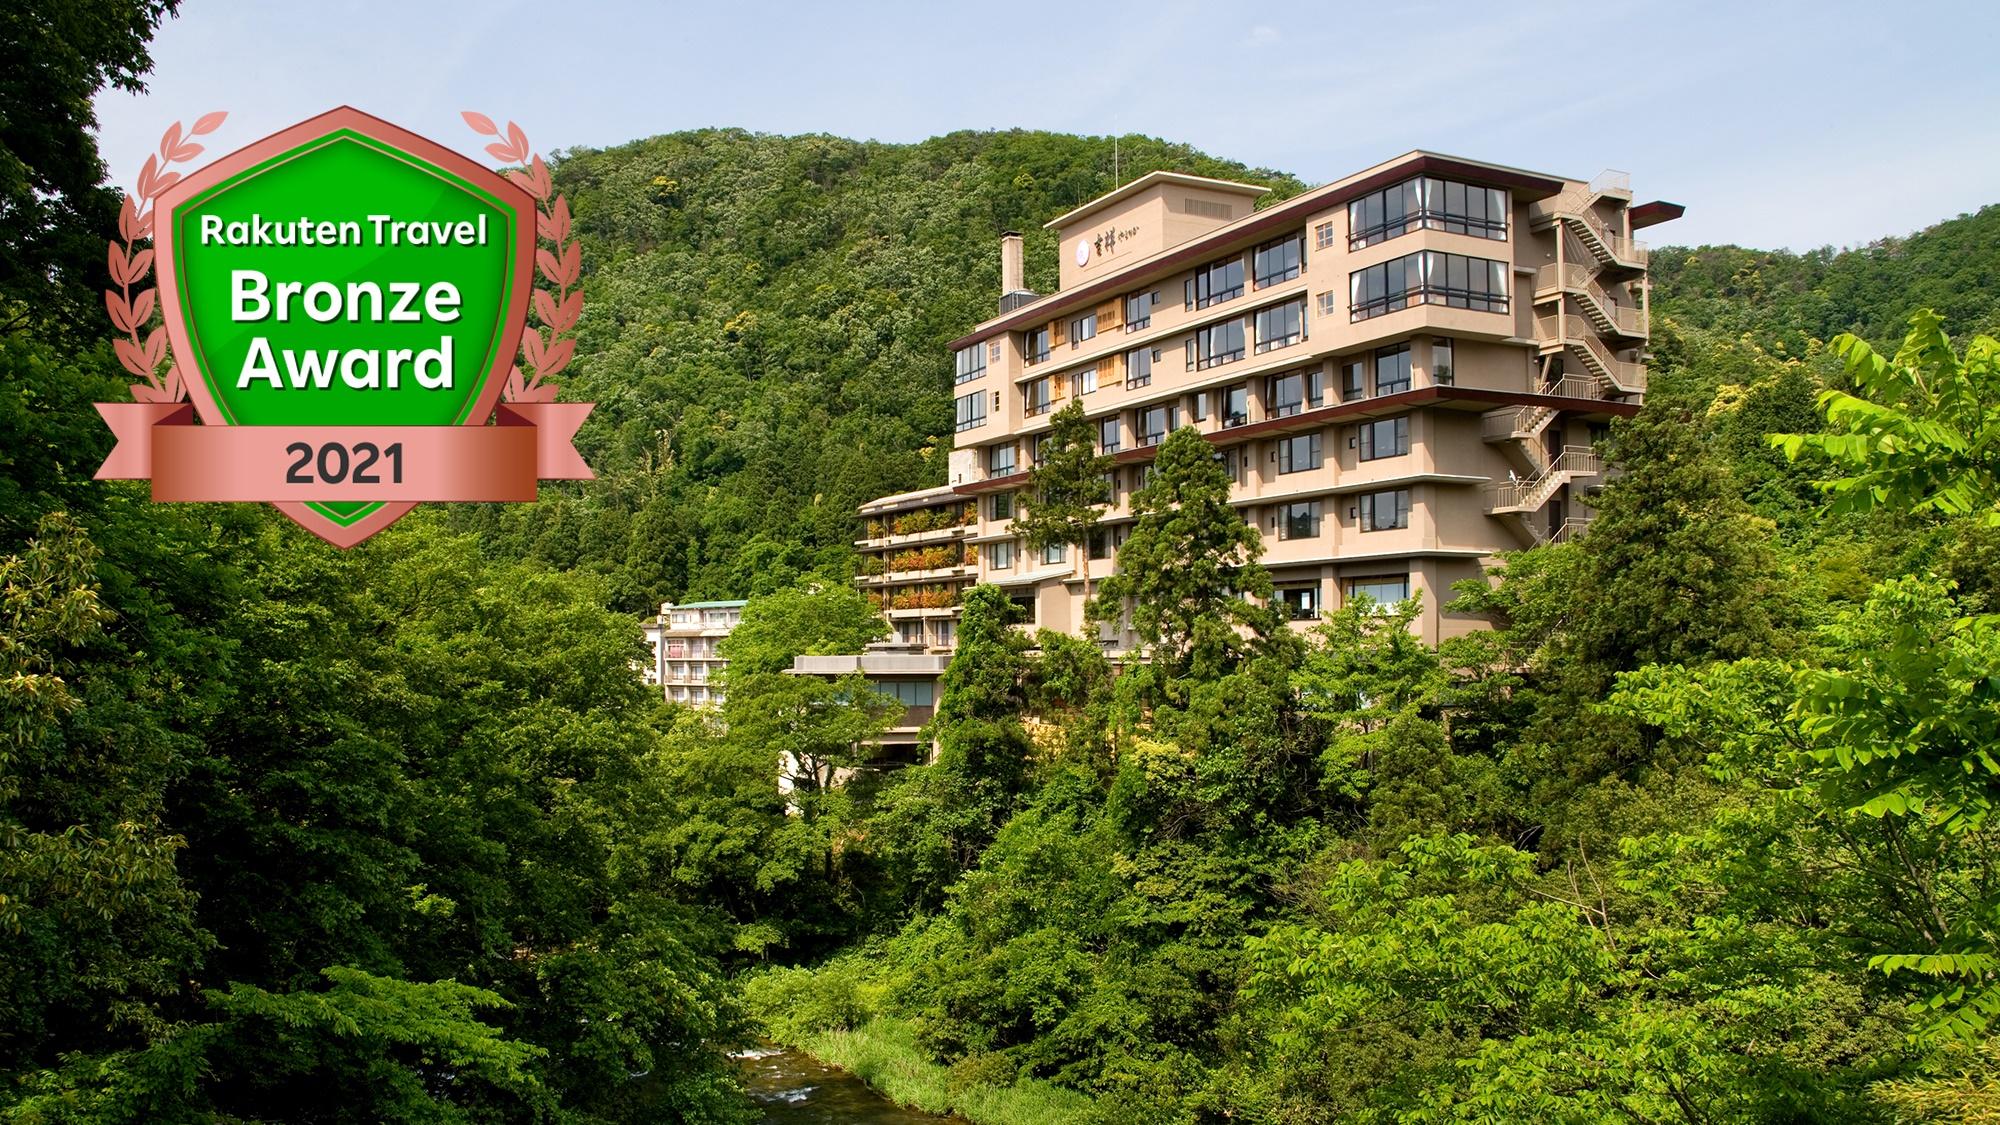 春に山中温泉で食べ歩き旅行を計画しています。宿の食事もばっちり楽しめるおすすめ宿を教えて!